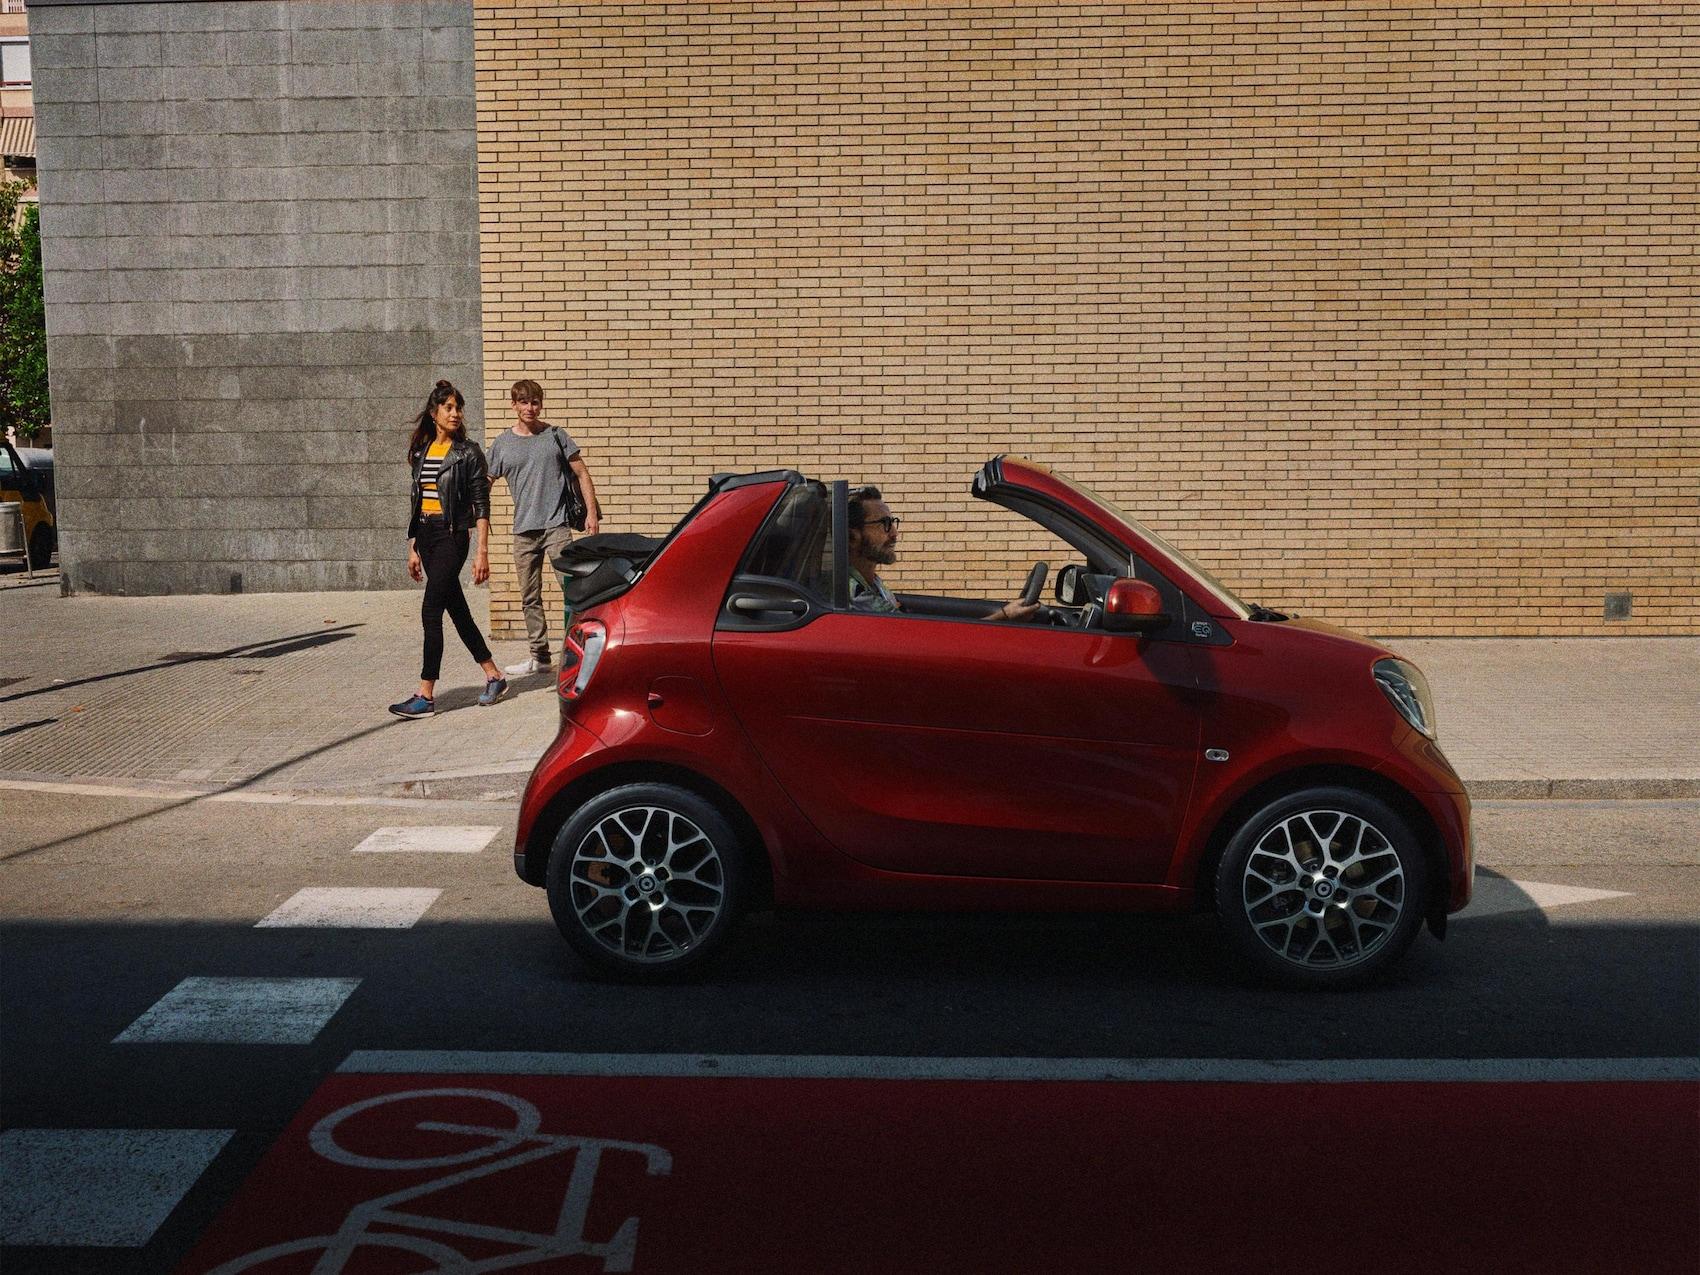 Ein smart EQ fortwo cabrio auf der Straße.